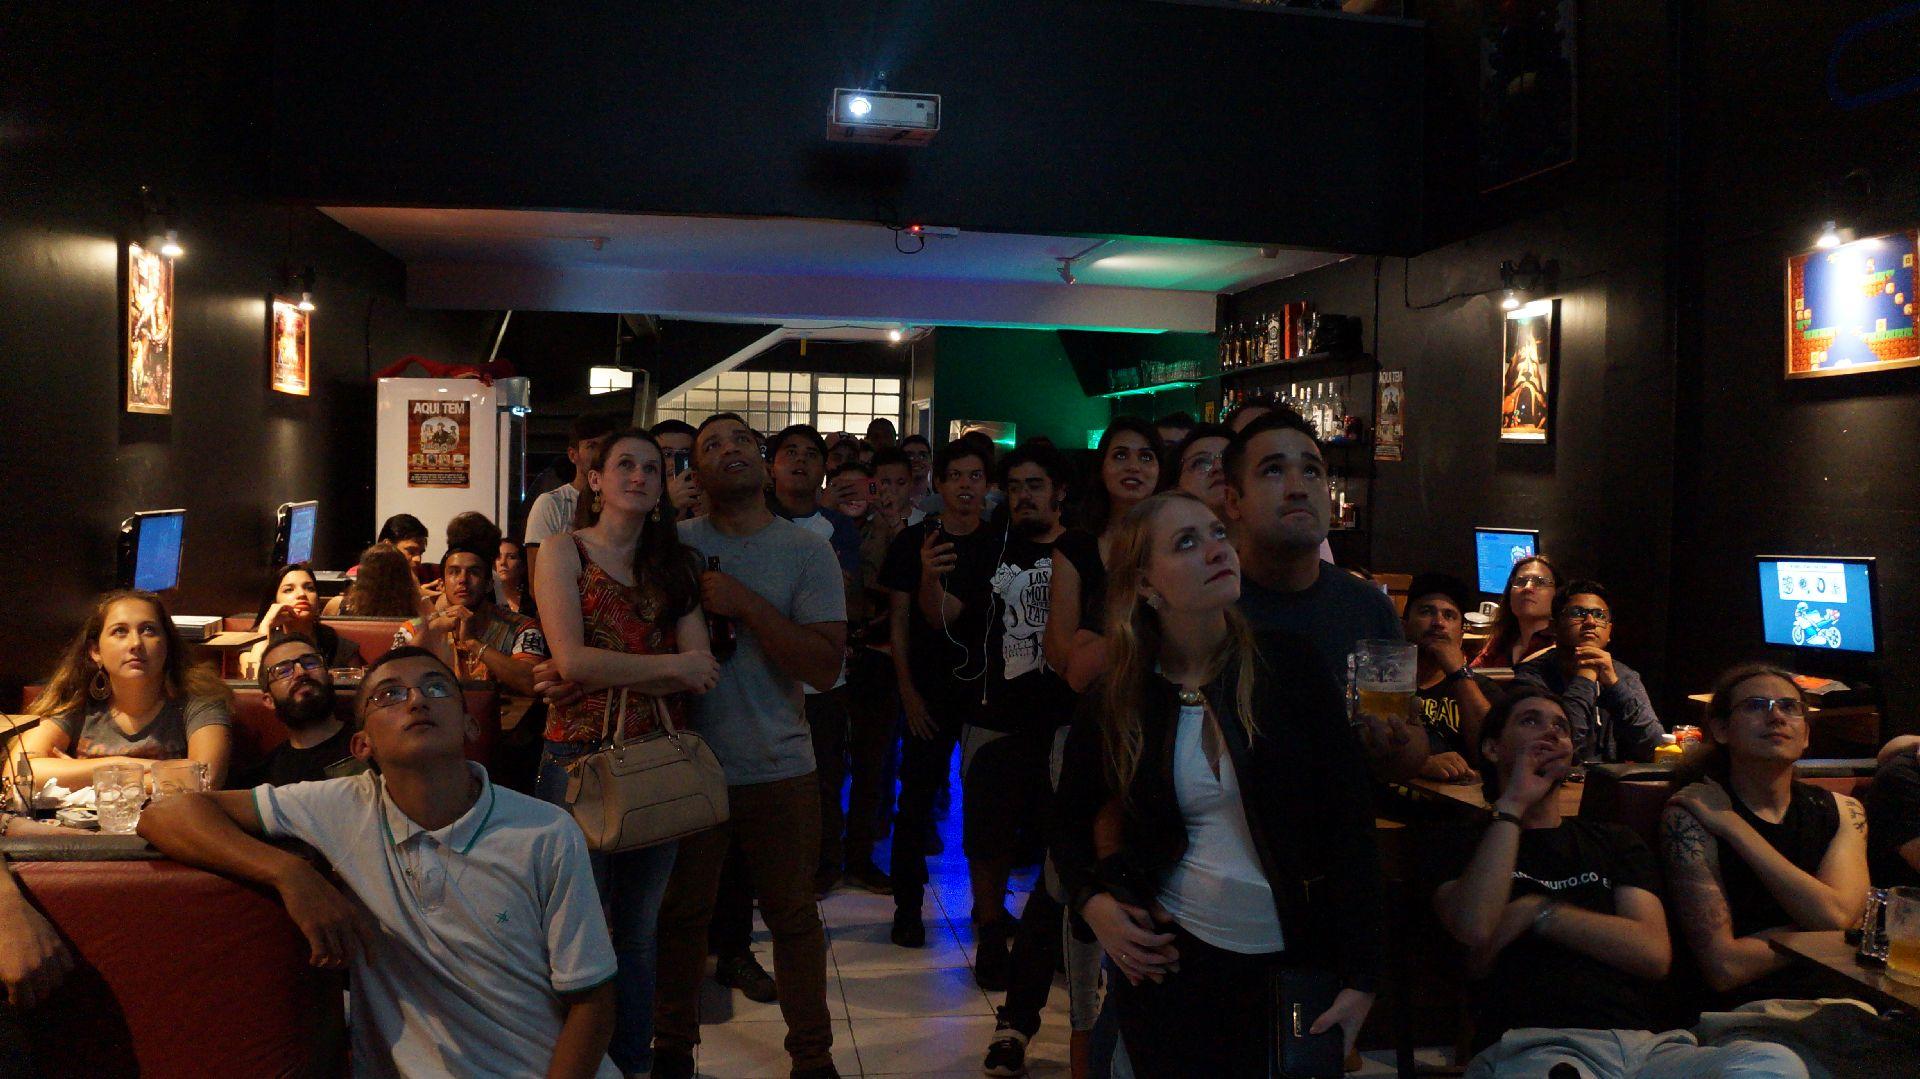 Transmissão de Dragon Ball Super lota bar em Curitiba; nova sessão neste domingo